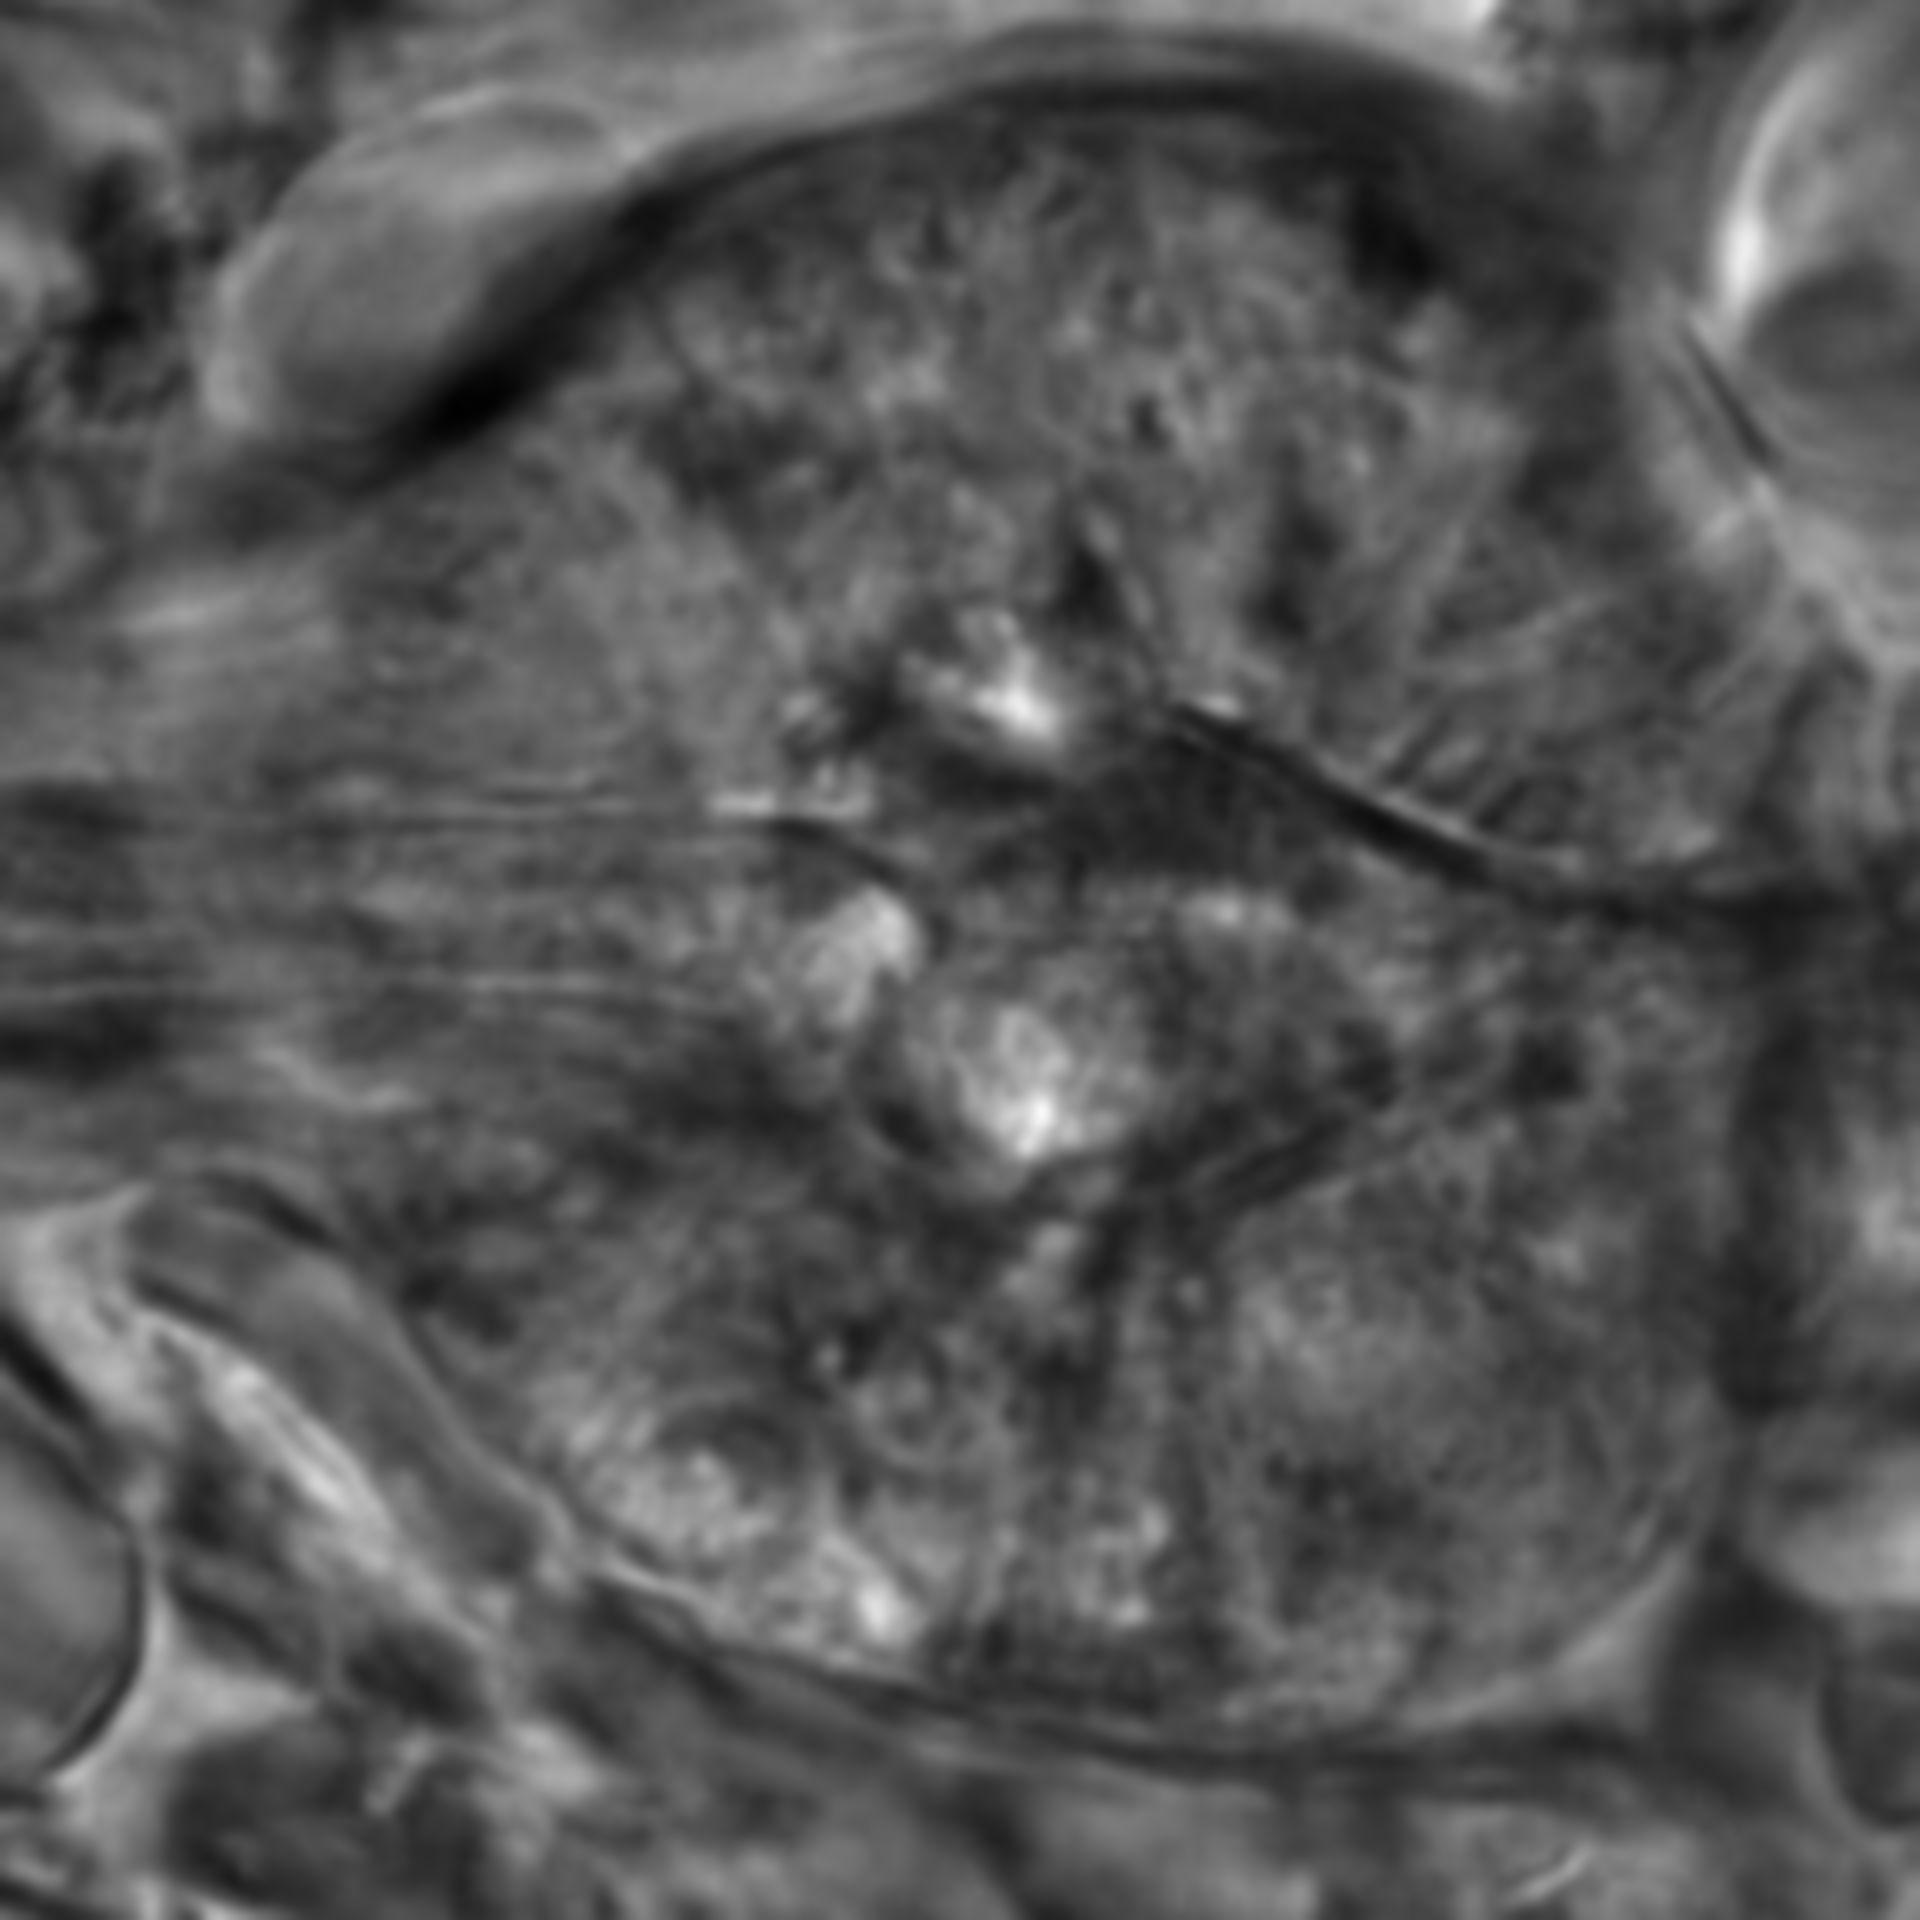 Caenorhabditis elegans - CIL:2651